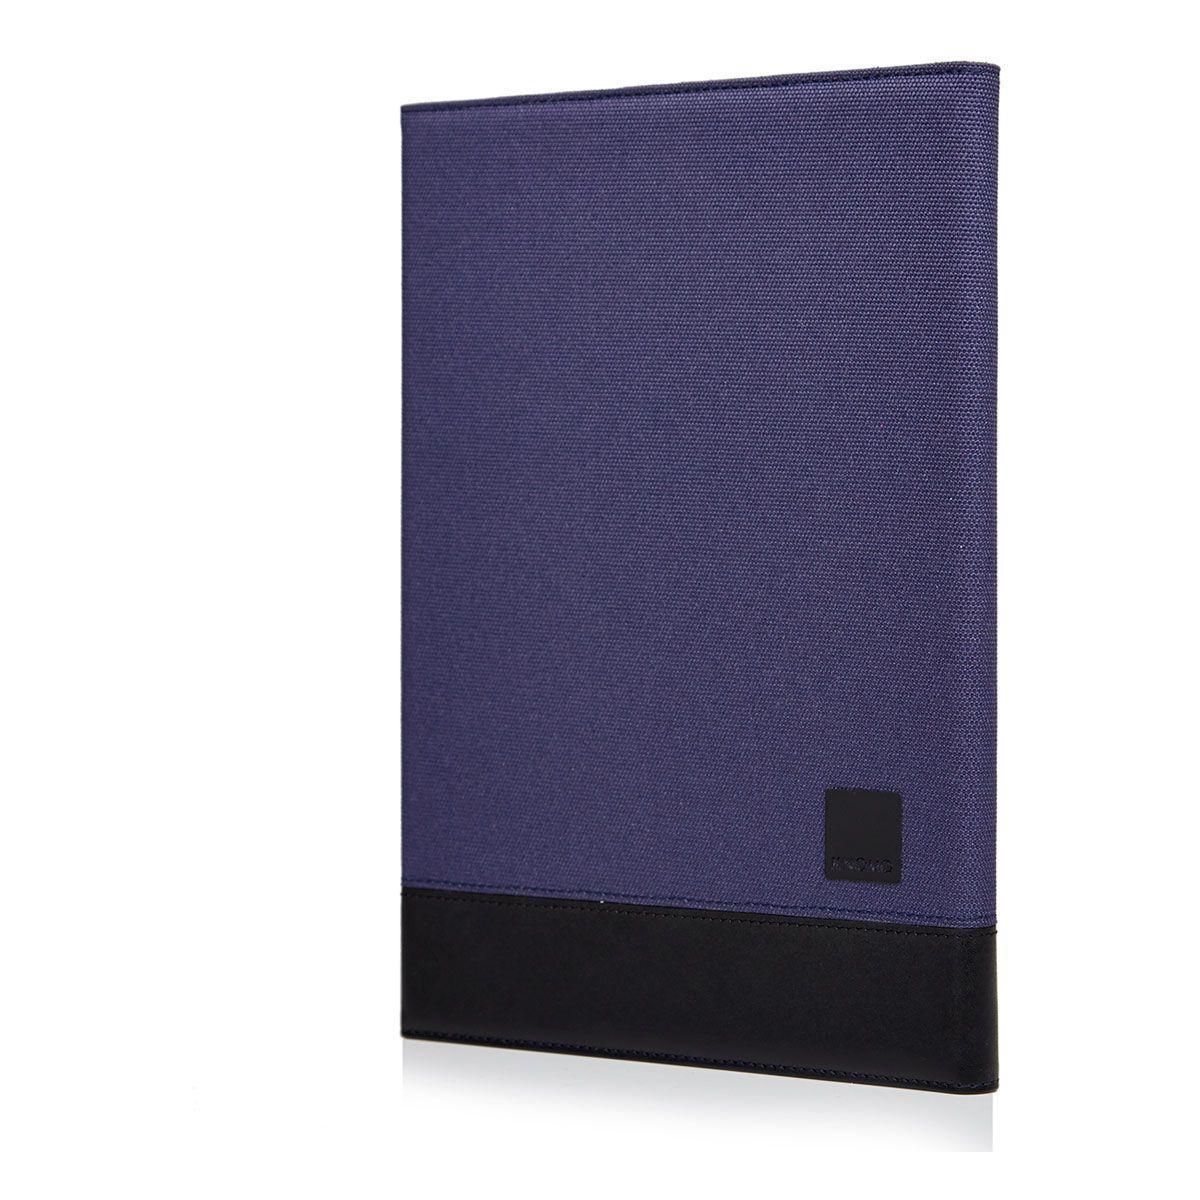 Etui tablette knomo ipad air 2 bleu - 20% de remise imm�diate avec le code : priv20 (photo)